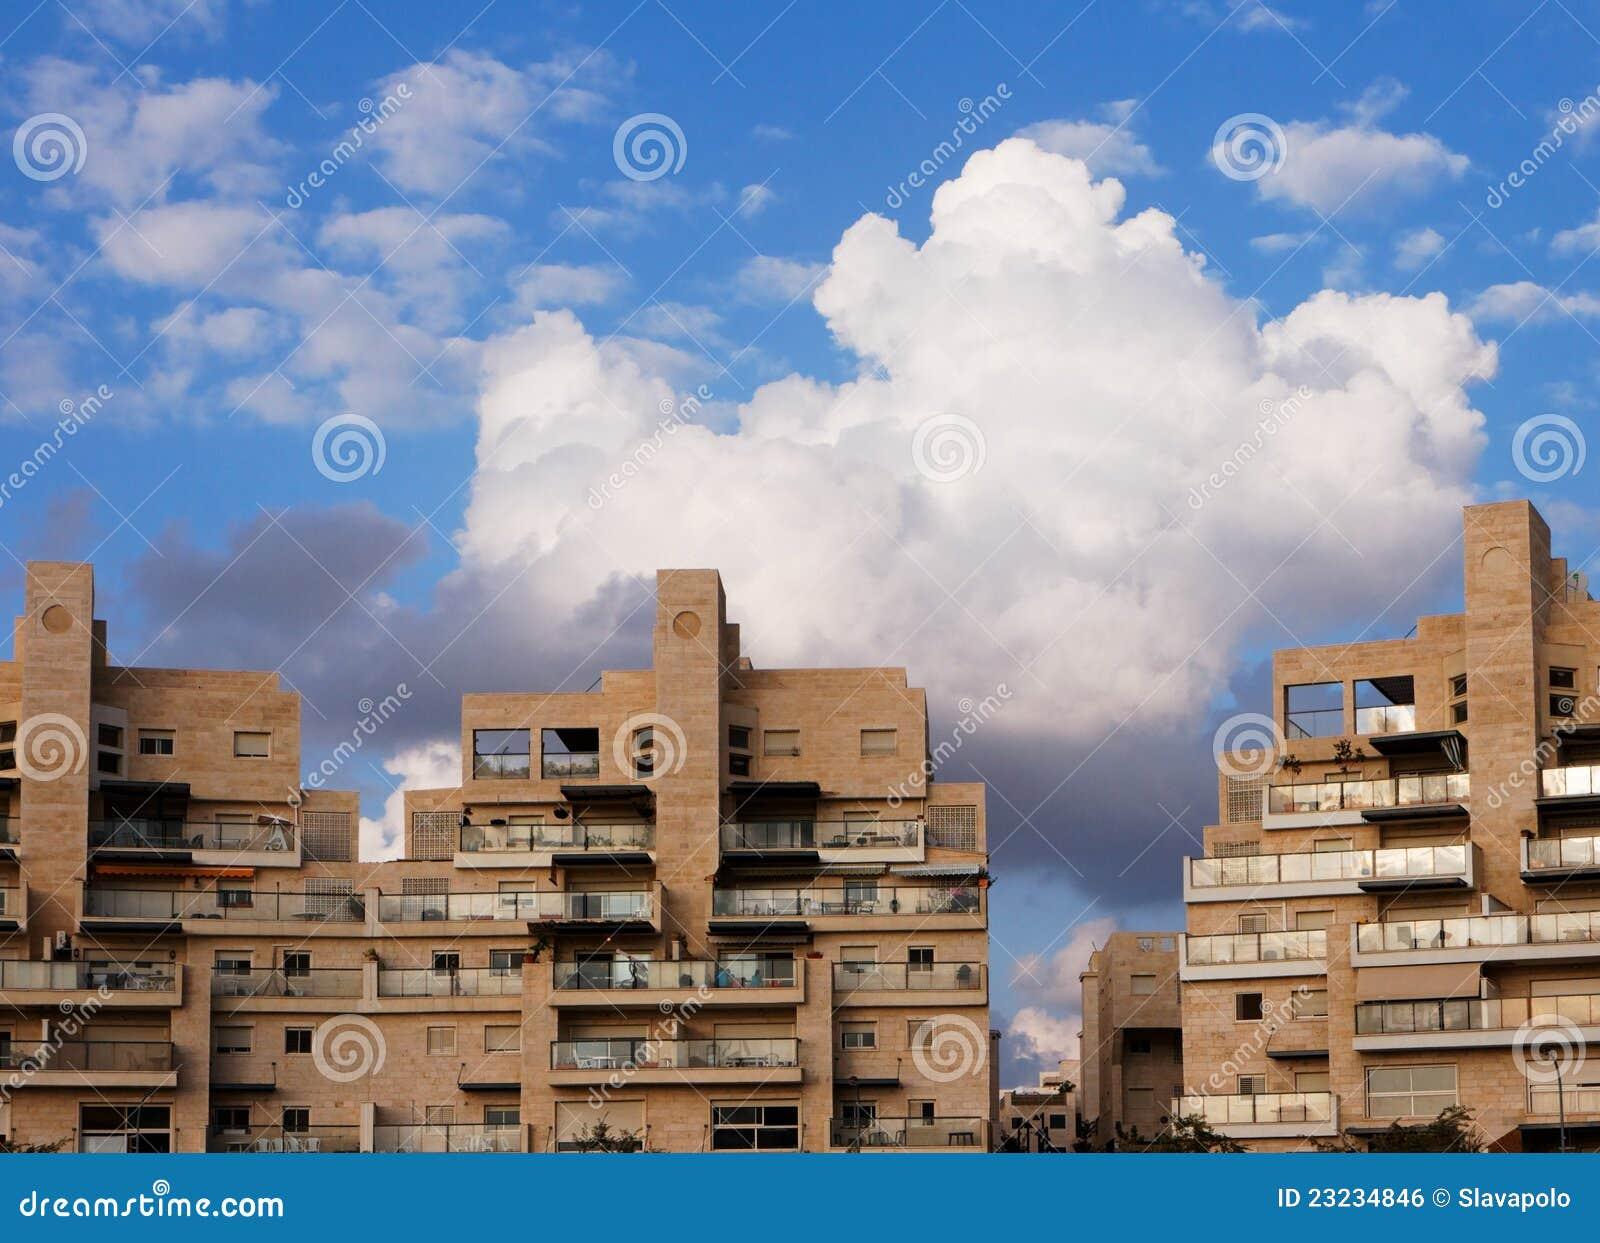 Immeubles et nuages au-dessus de eux